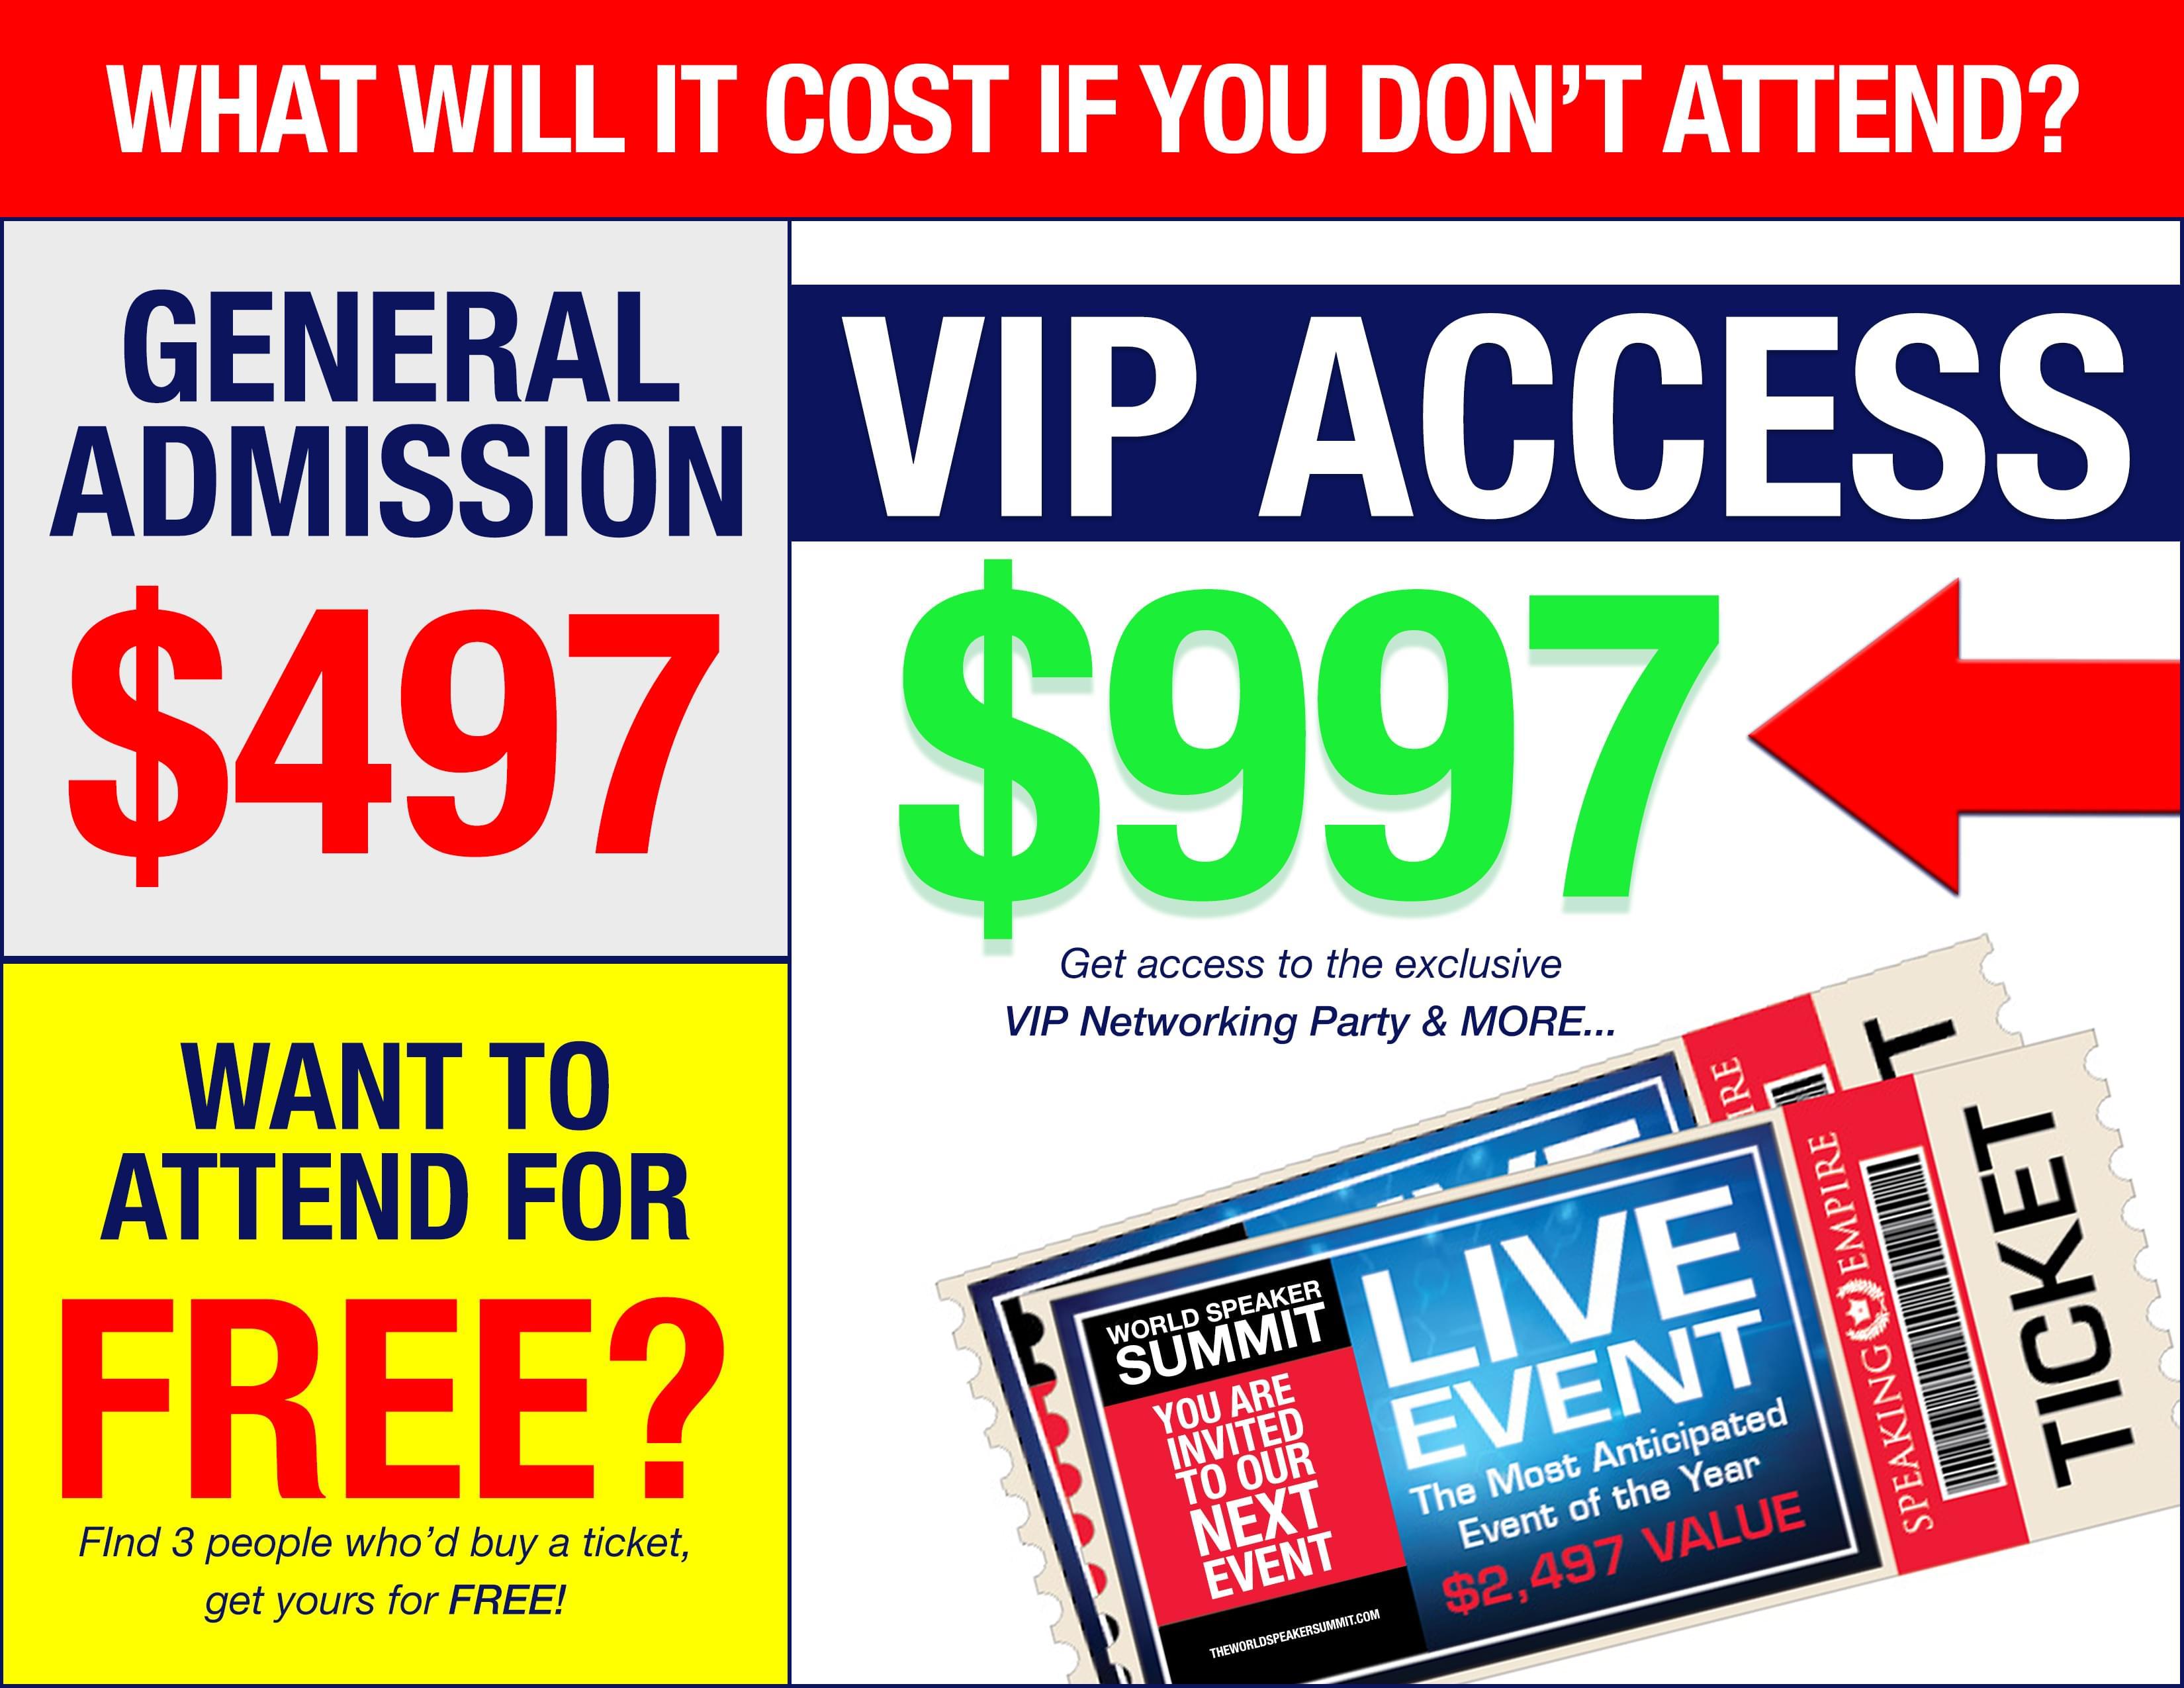 world speaker summit ticket prices